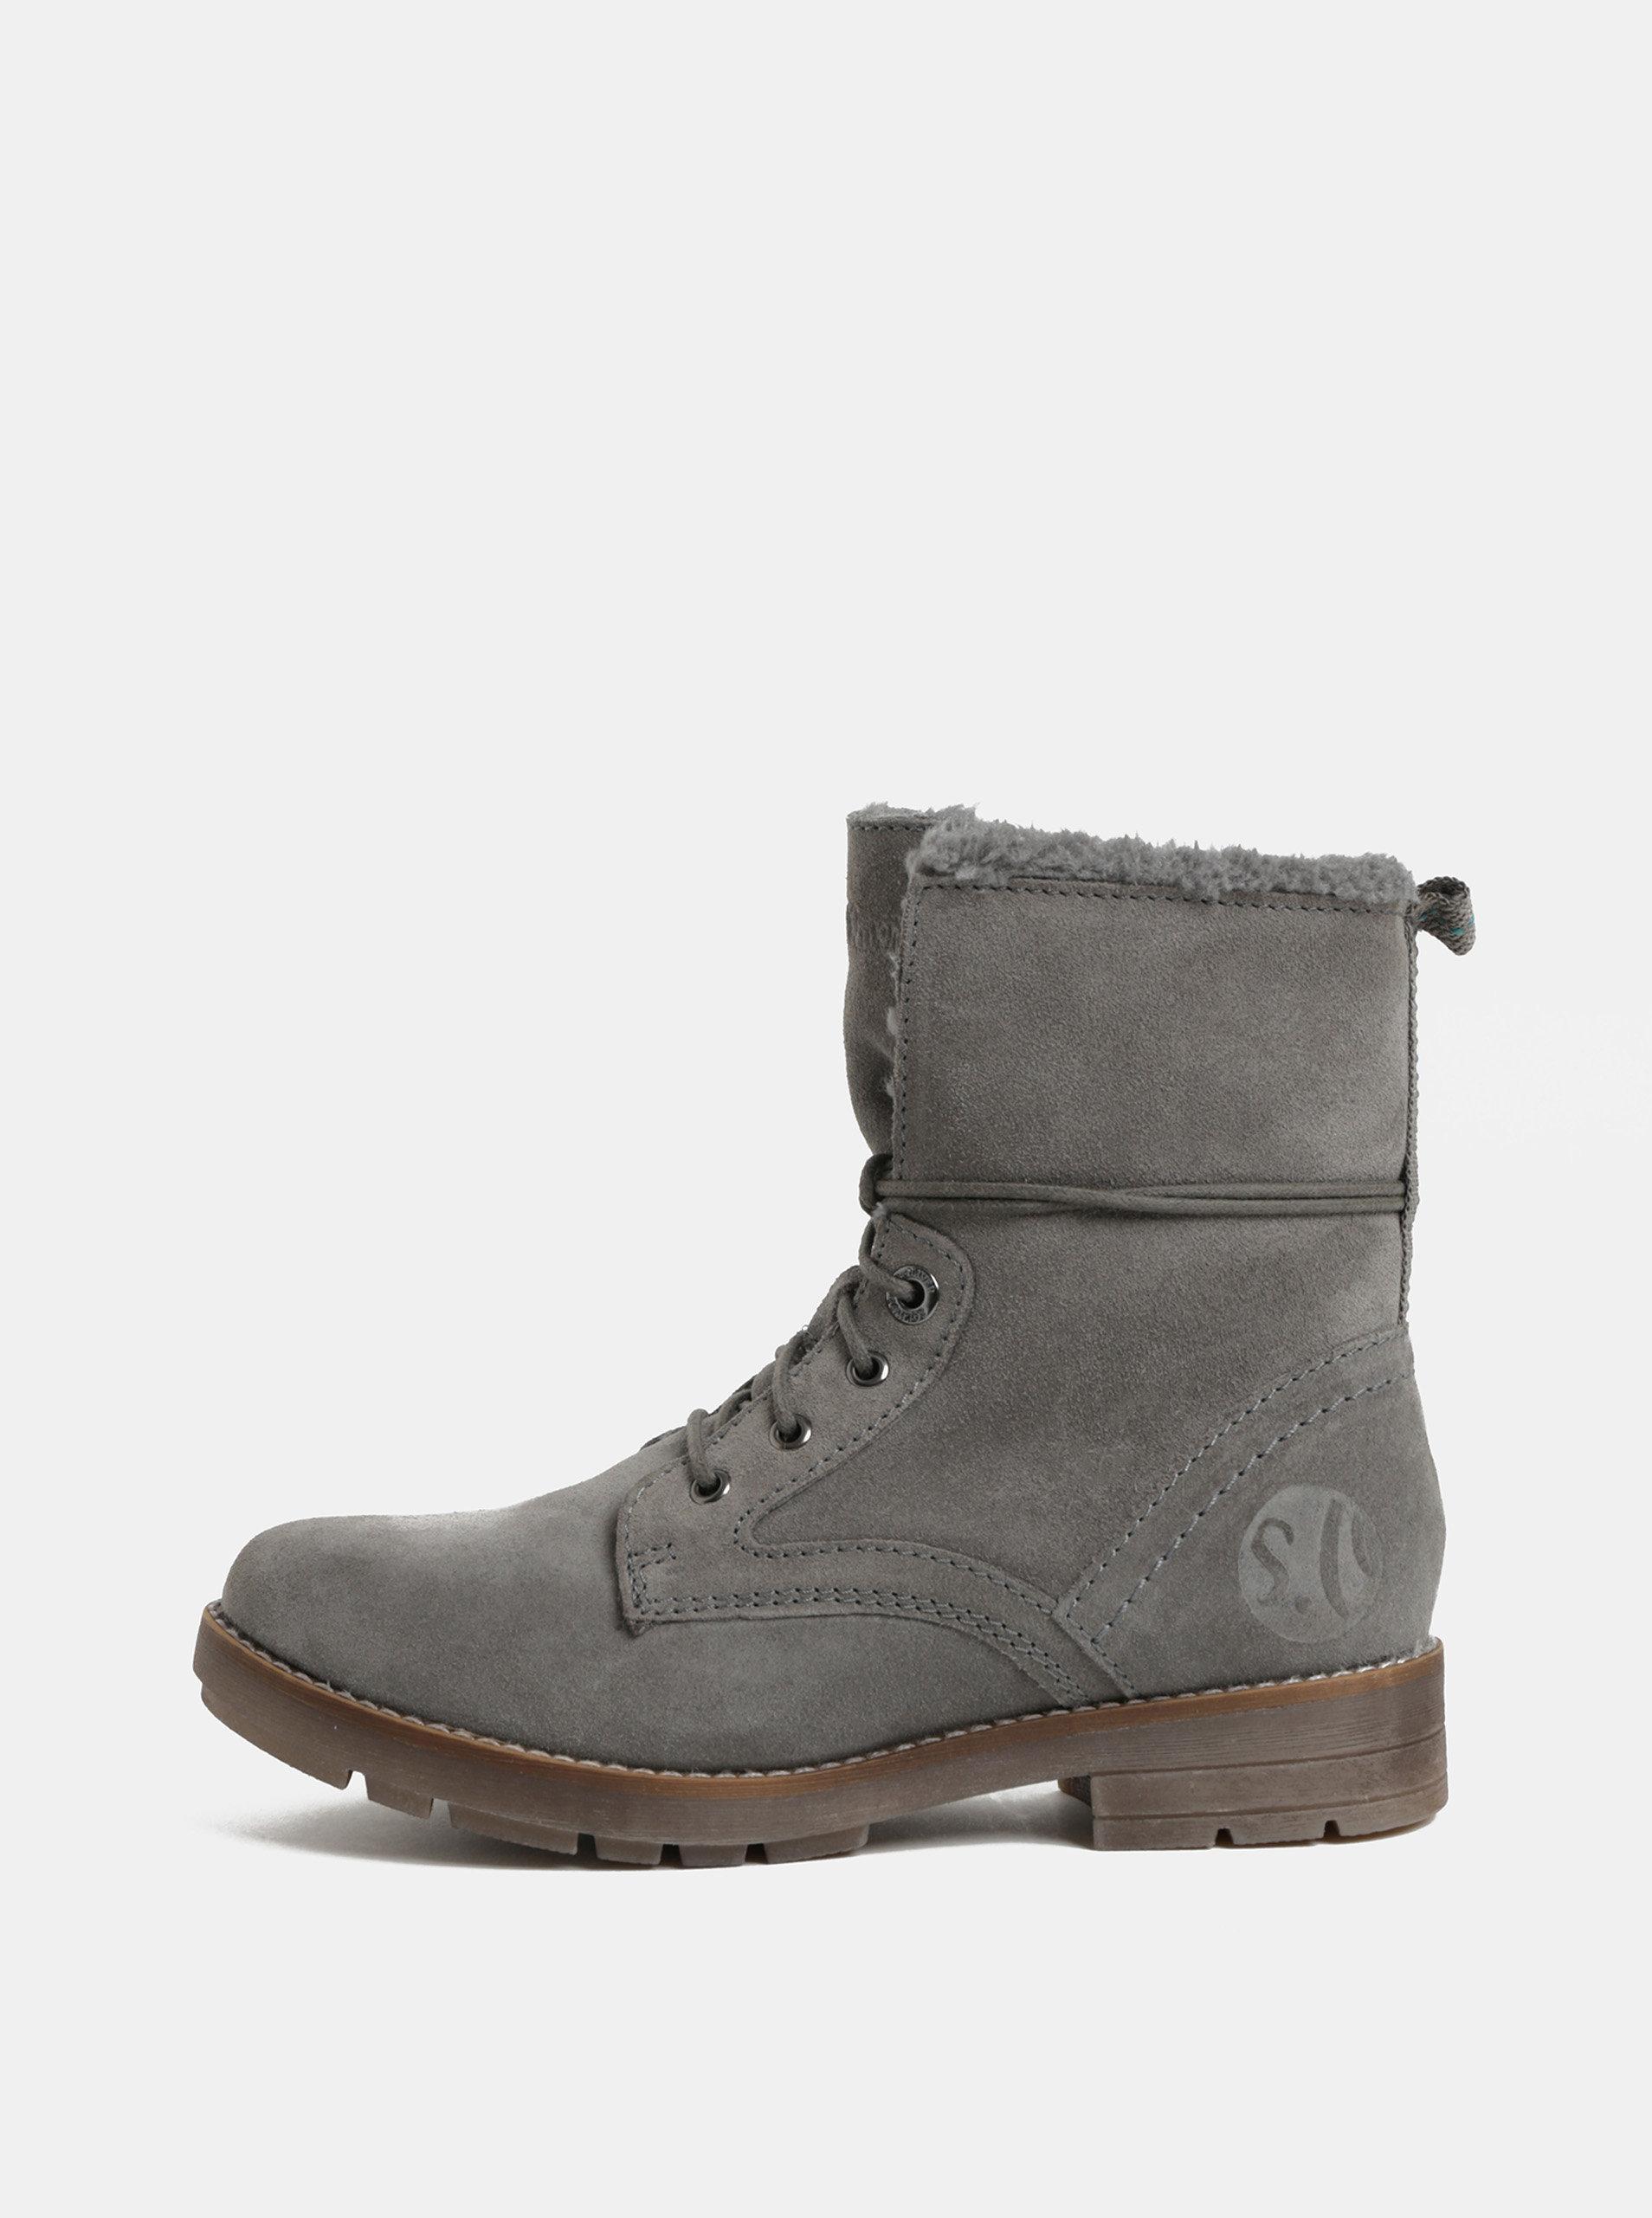 a0762fa4013 Šedé dámské semišové zimní kotníkové boty s.Oliver ...